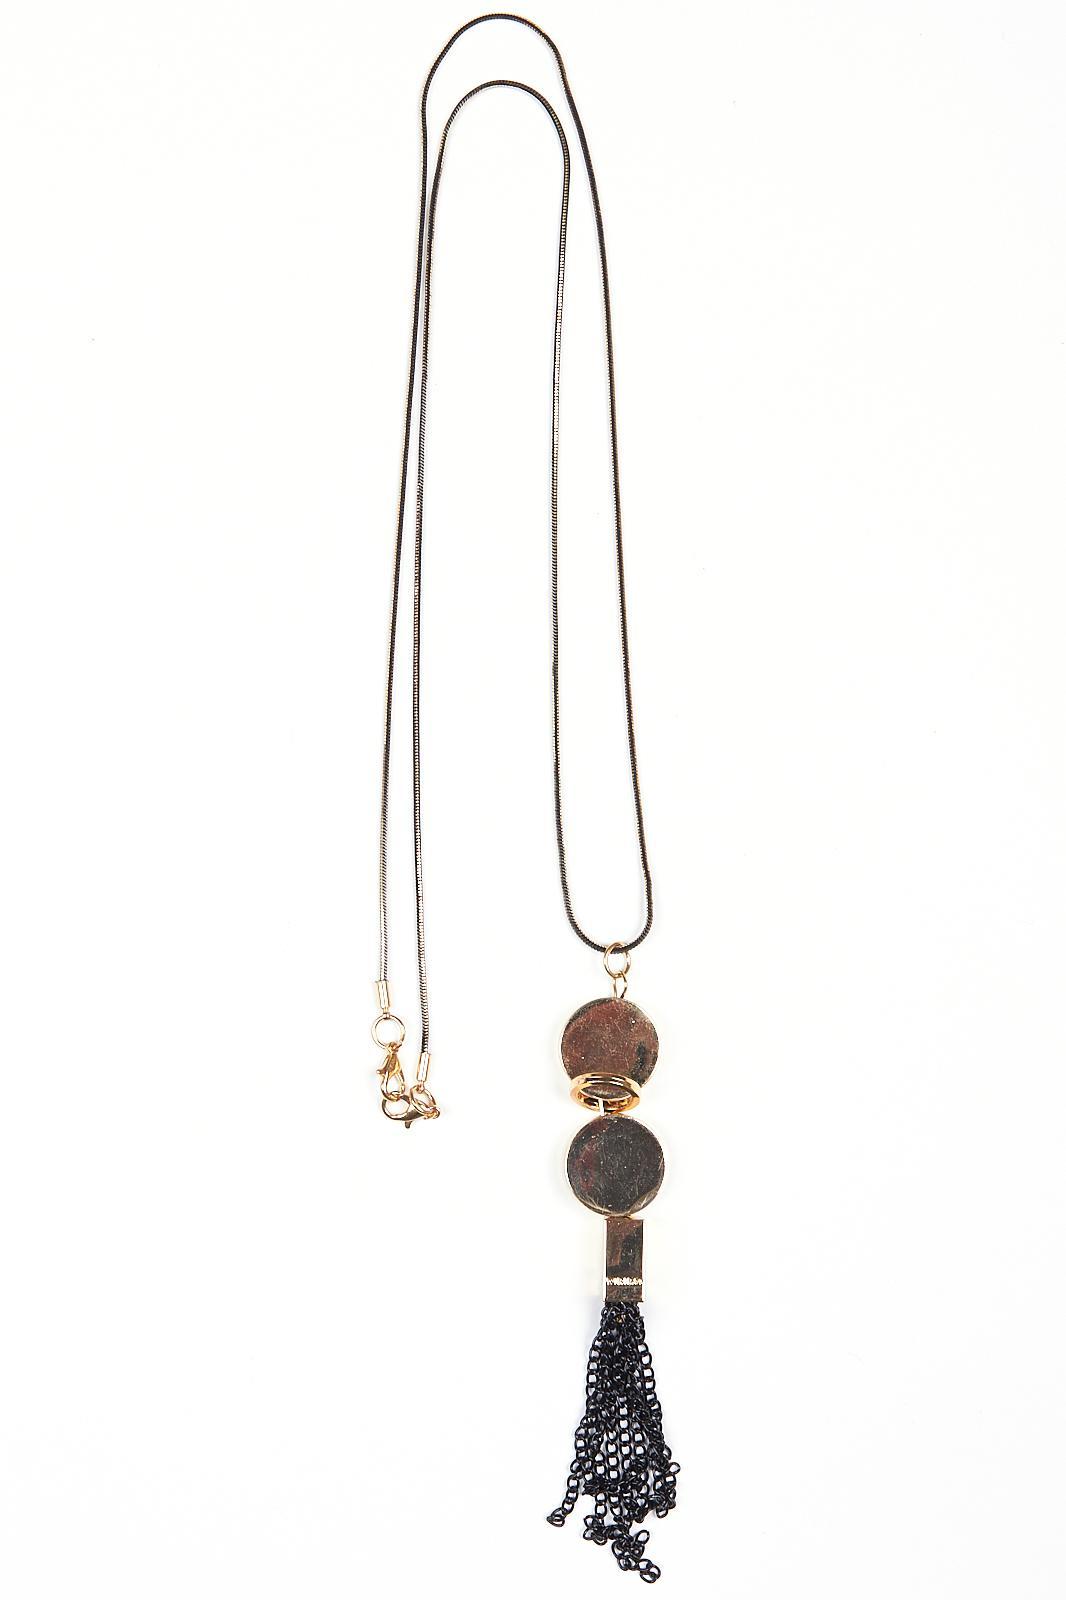 Купить Подвеска Fashion Jewelry, Подвеска 1712 золото+черный, Китай